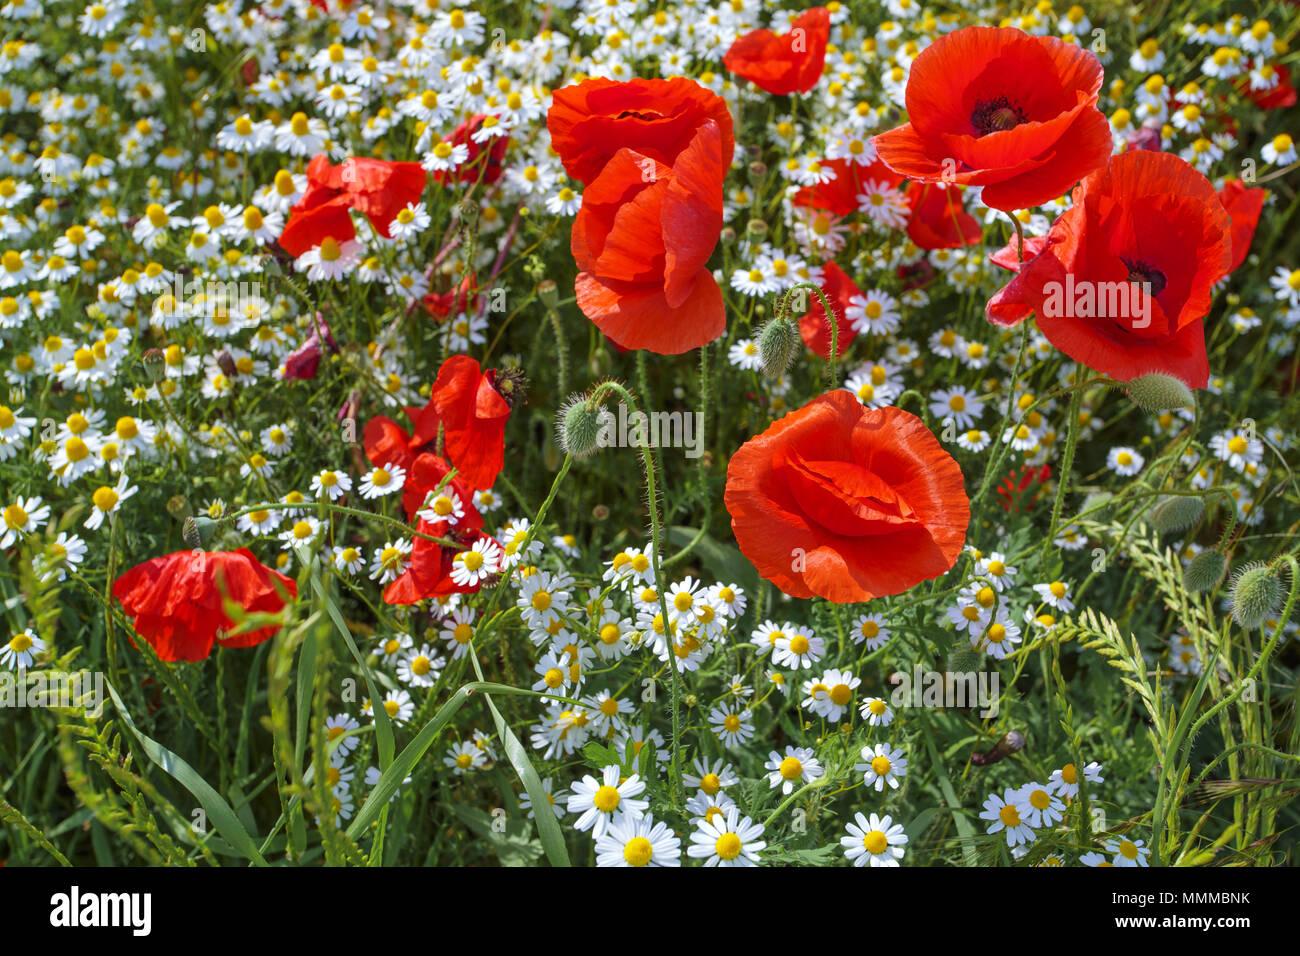 Lindas Flores De Papoula Dancando No Vento Foto Imagen De Stock